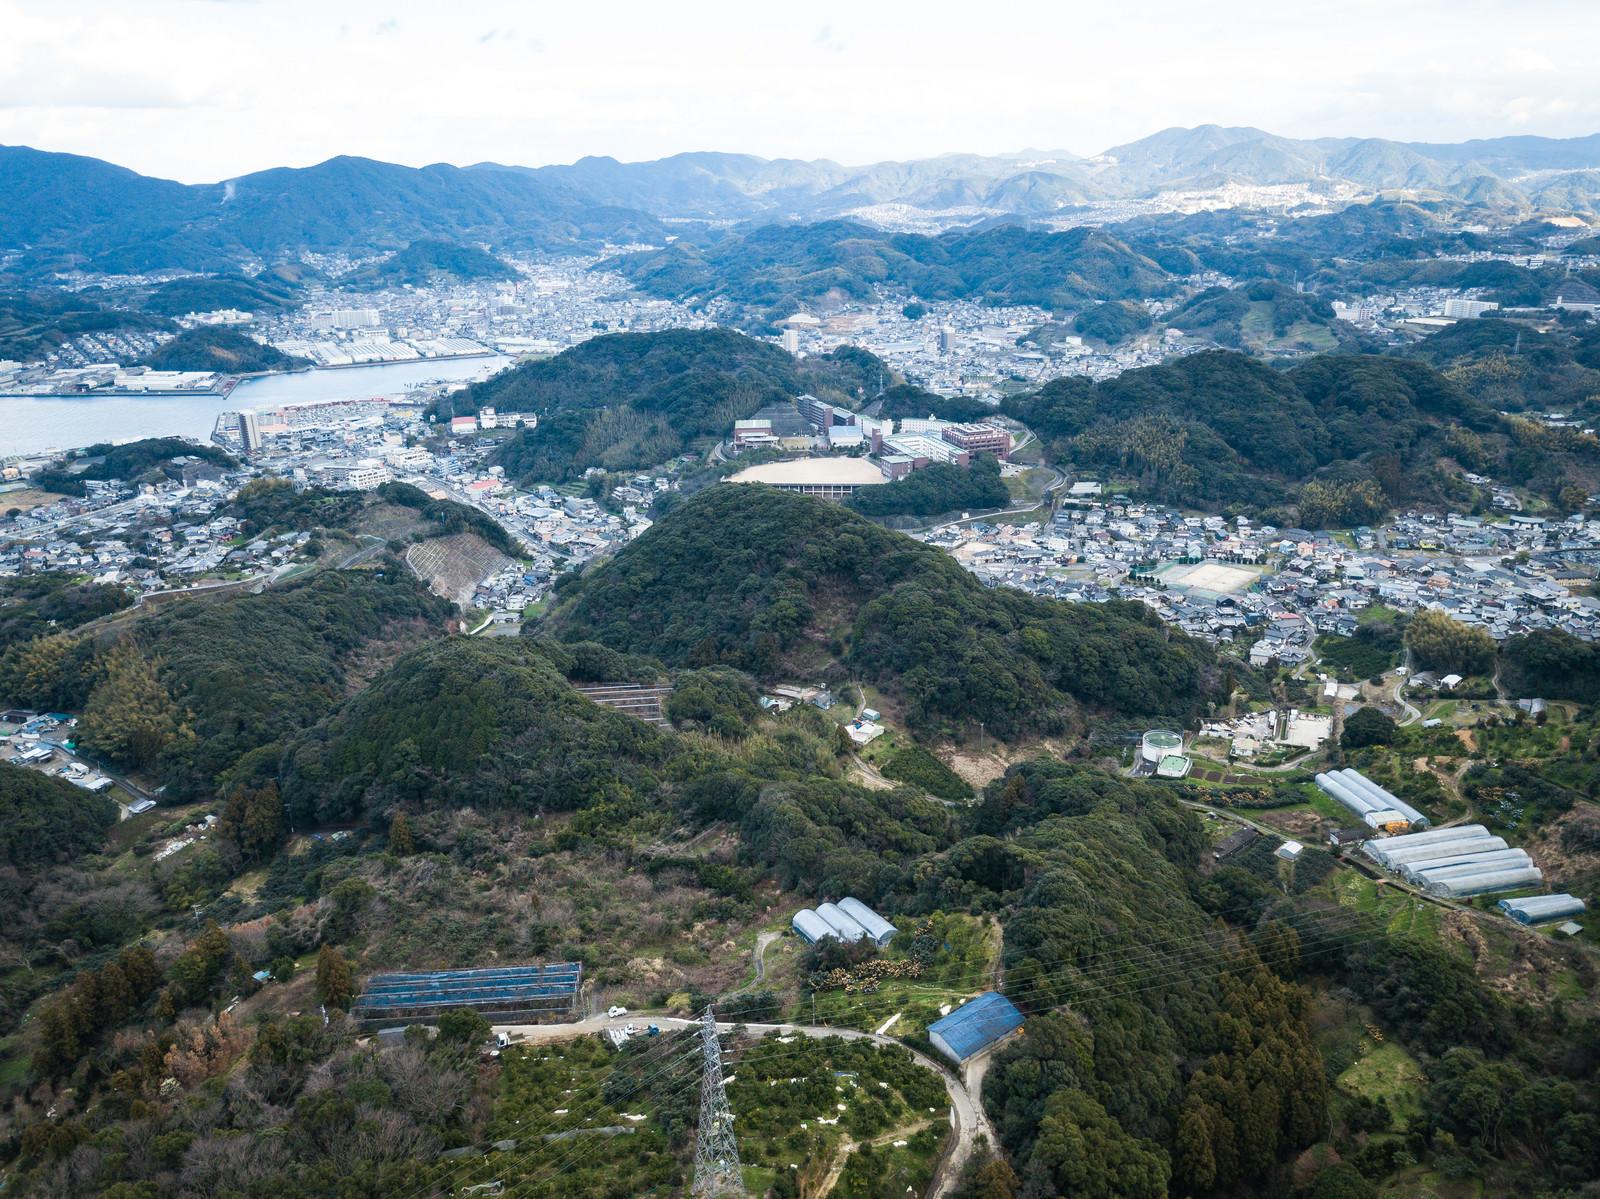 「鳴鼓岳からの景観(時津町)」の写真